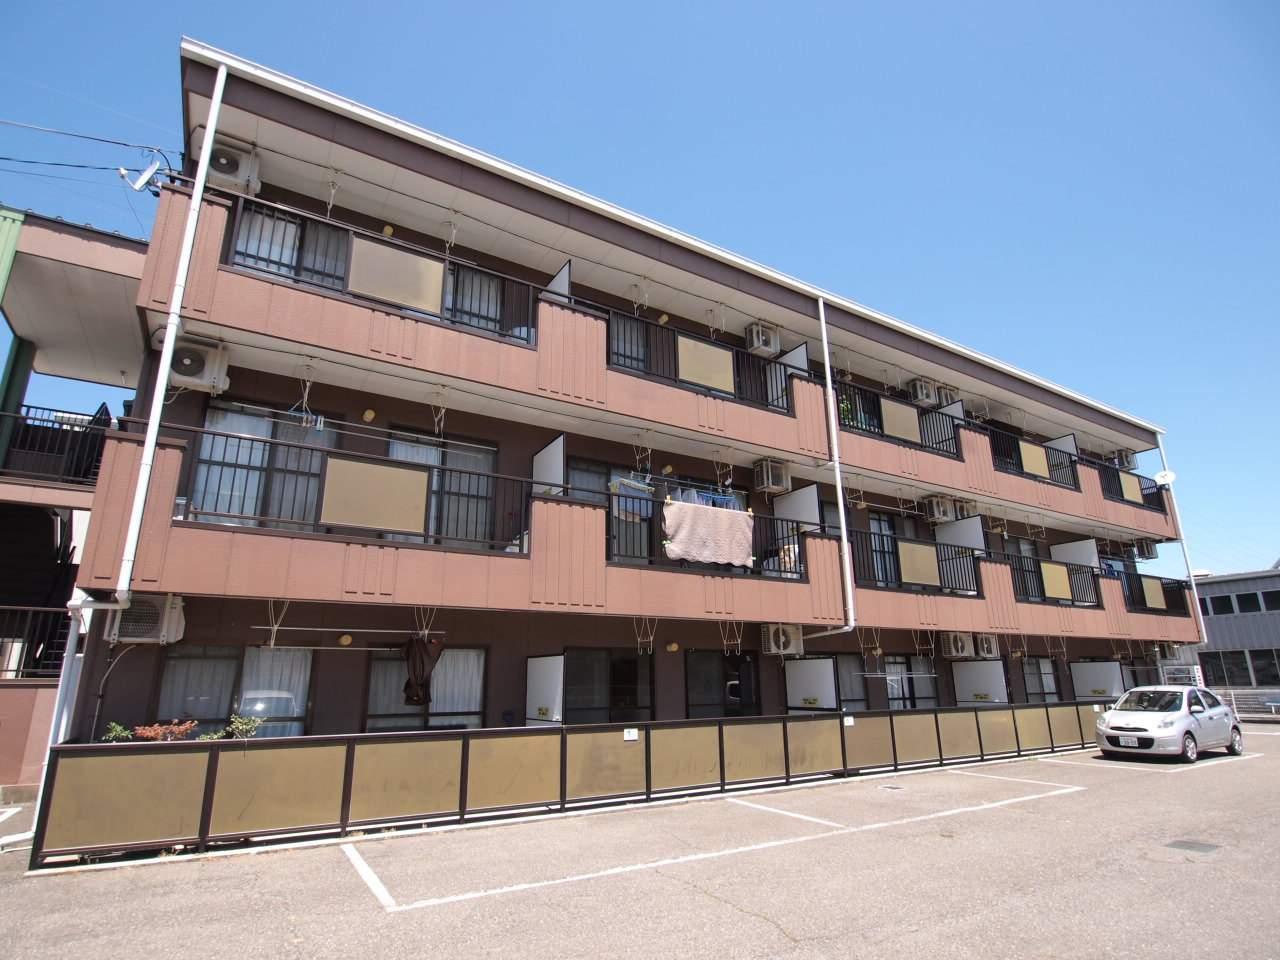 長野県塩尻市、広丘駅徒歩27分の築21年 3階建の賃貸アパート